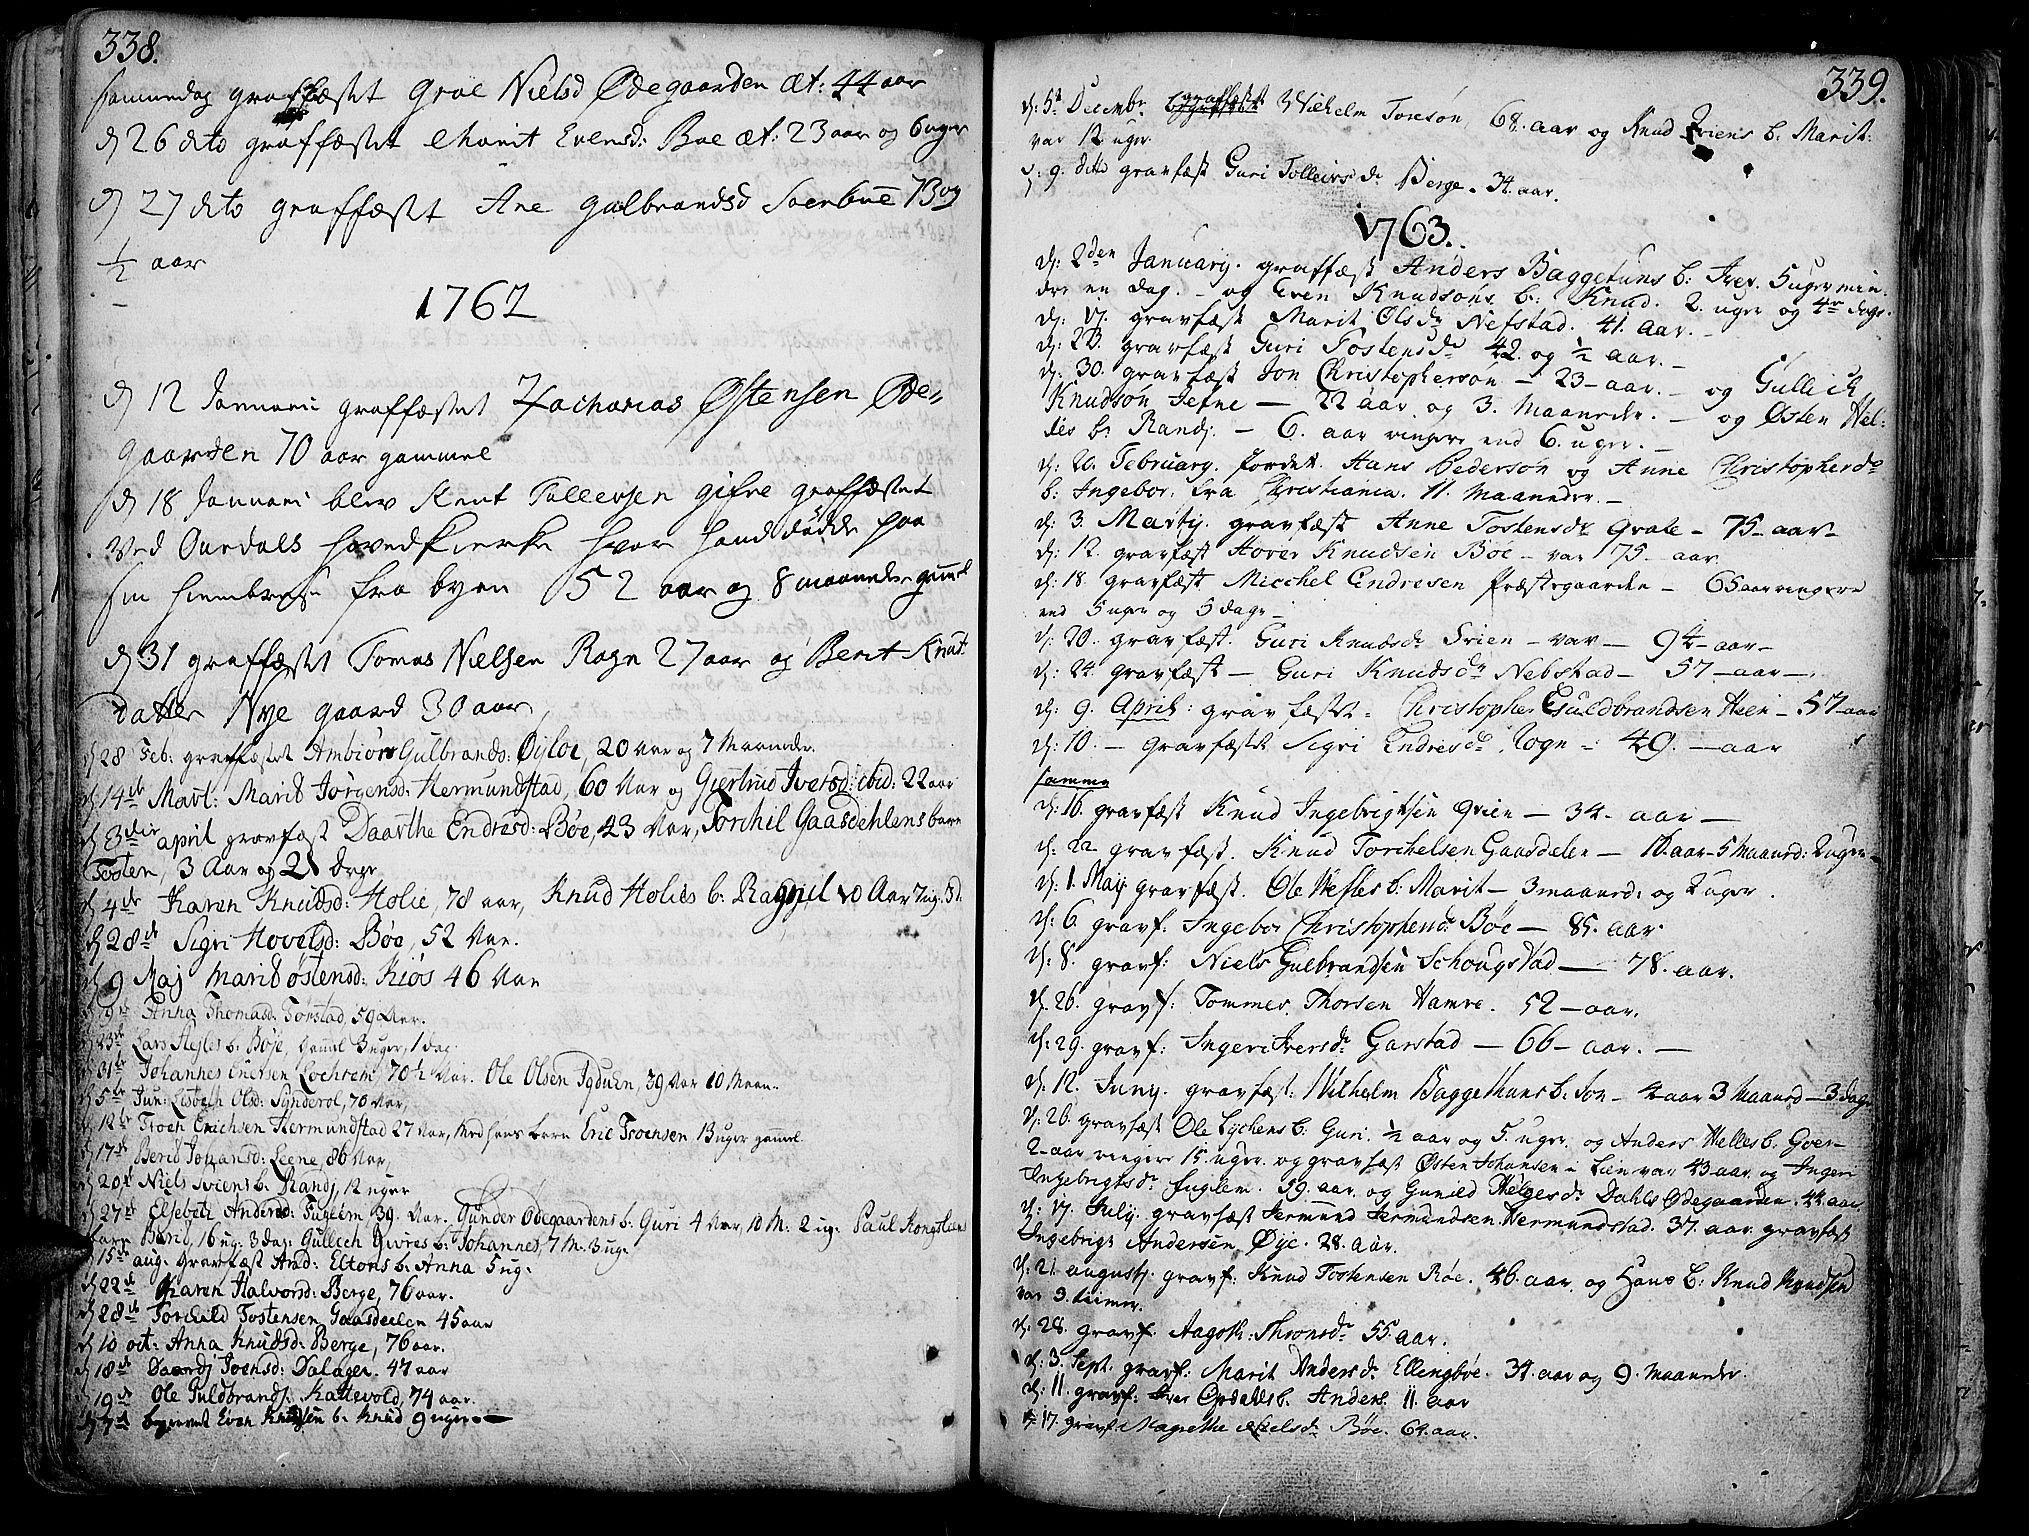 SAH, Vang prestekontor, Valdres, Ministerialbok nr. 1, 1730-1796, s. 338-339